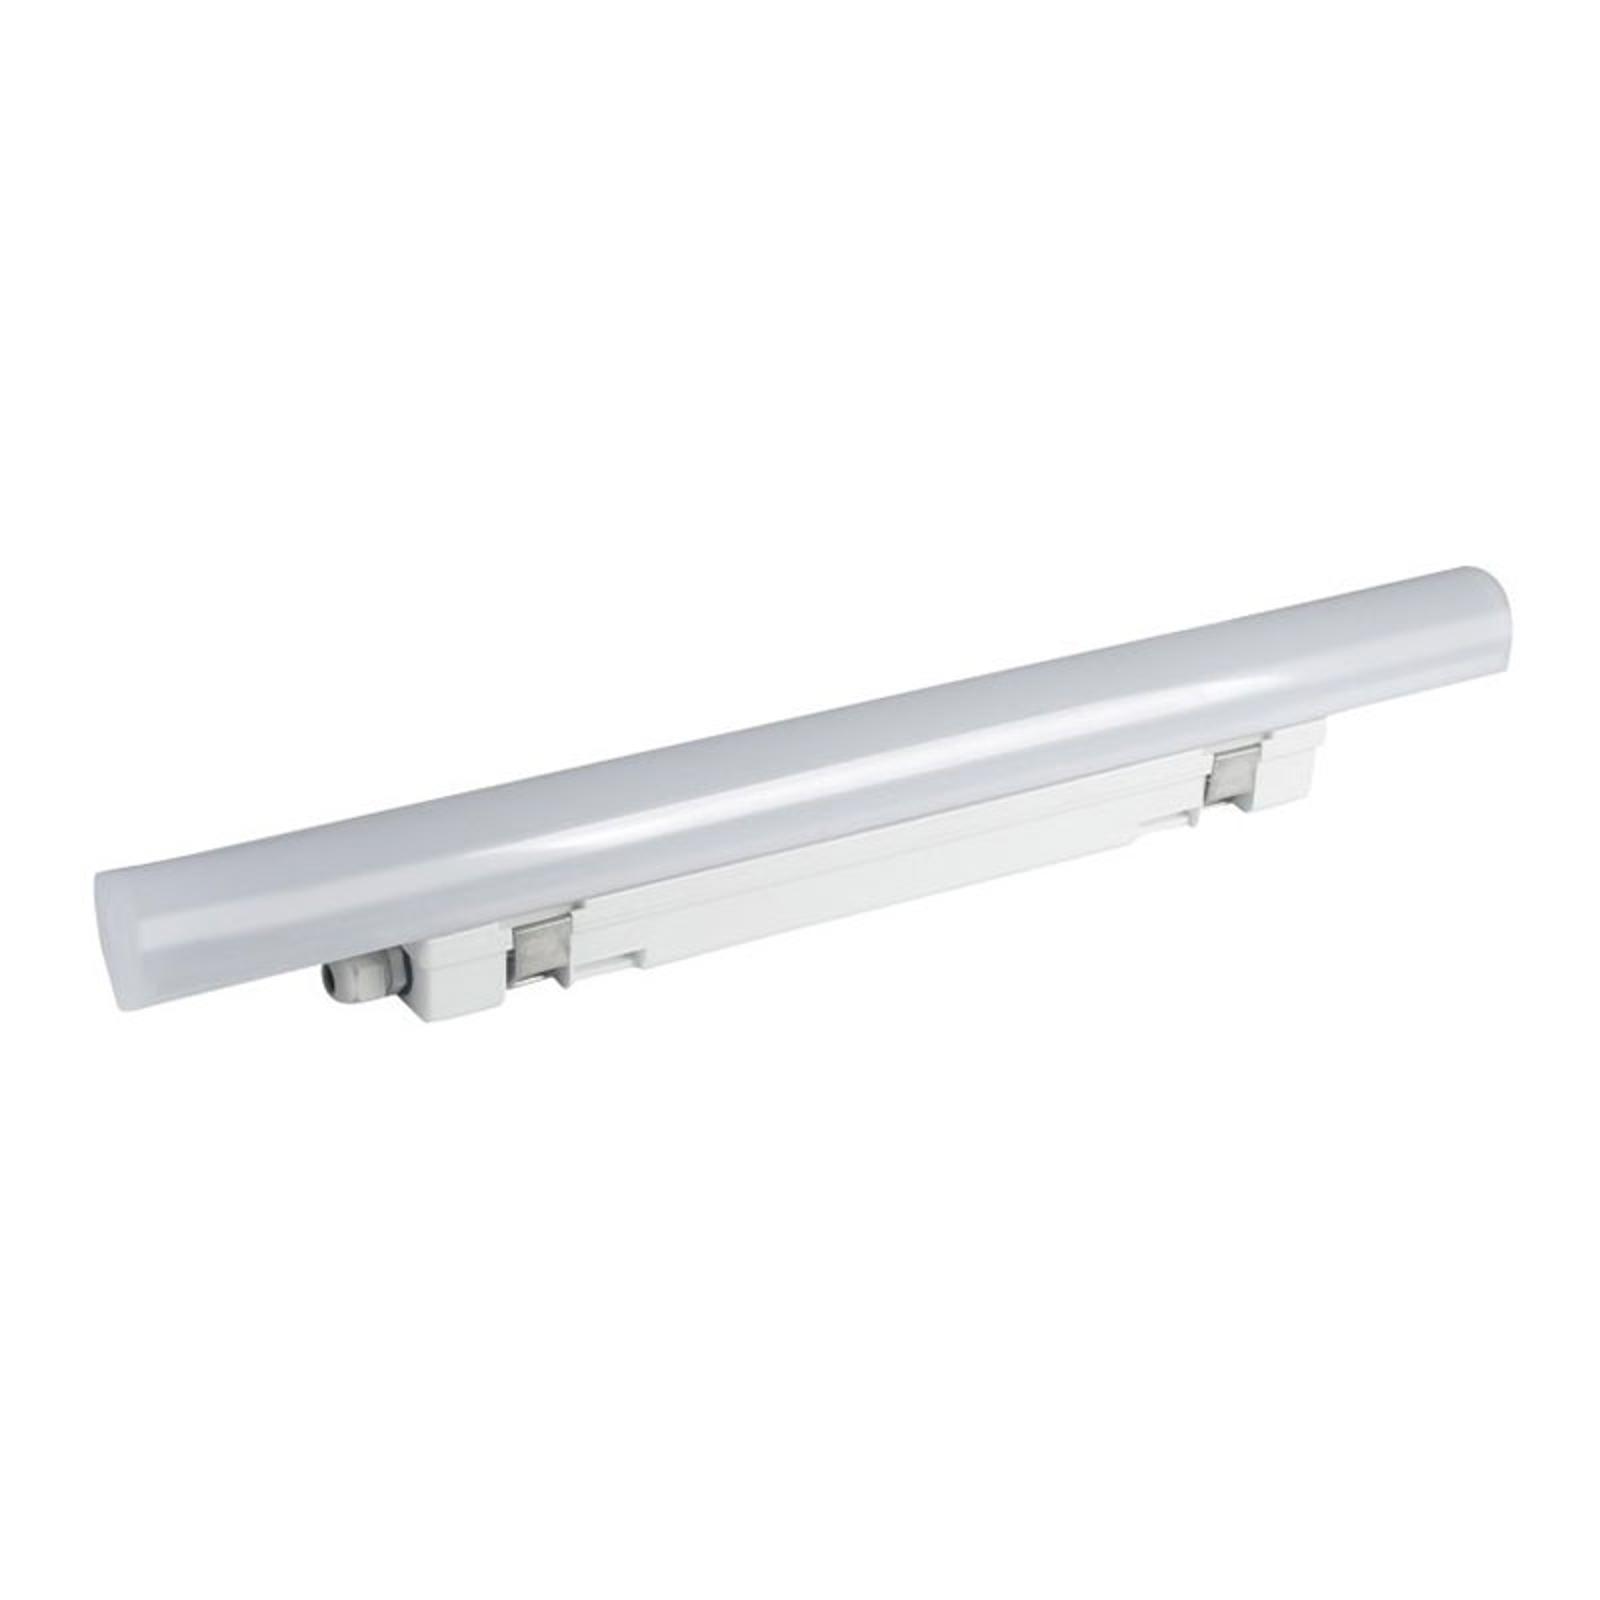 Lampa korytkowa LED Aquafix IP65, długość 60 cm